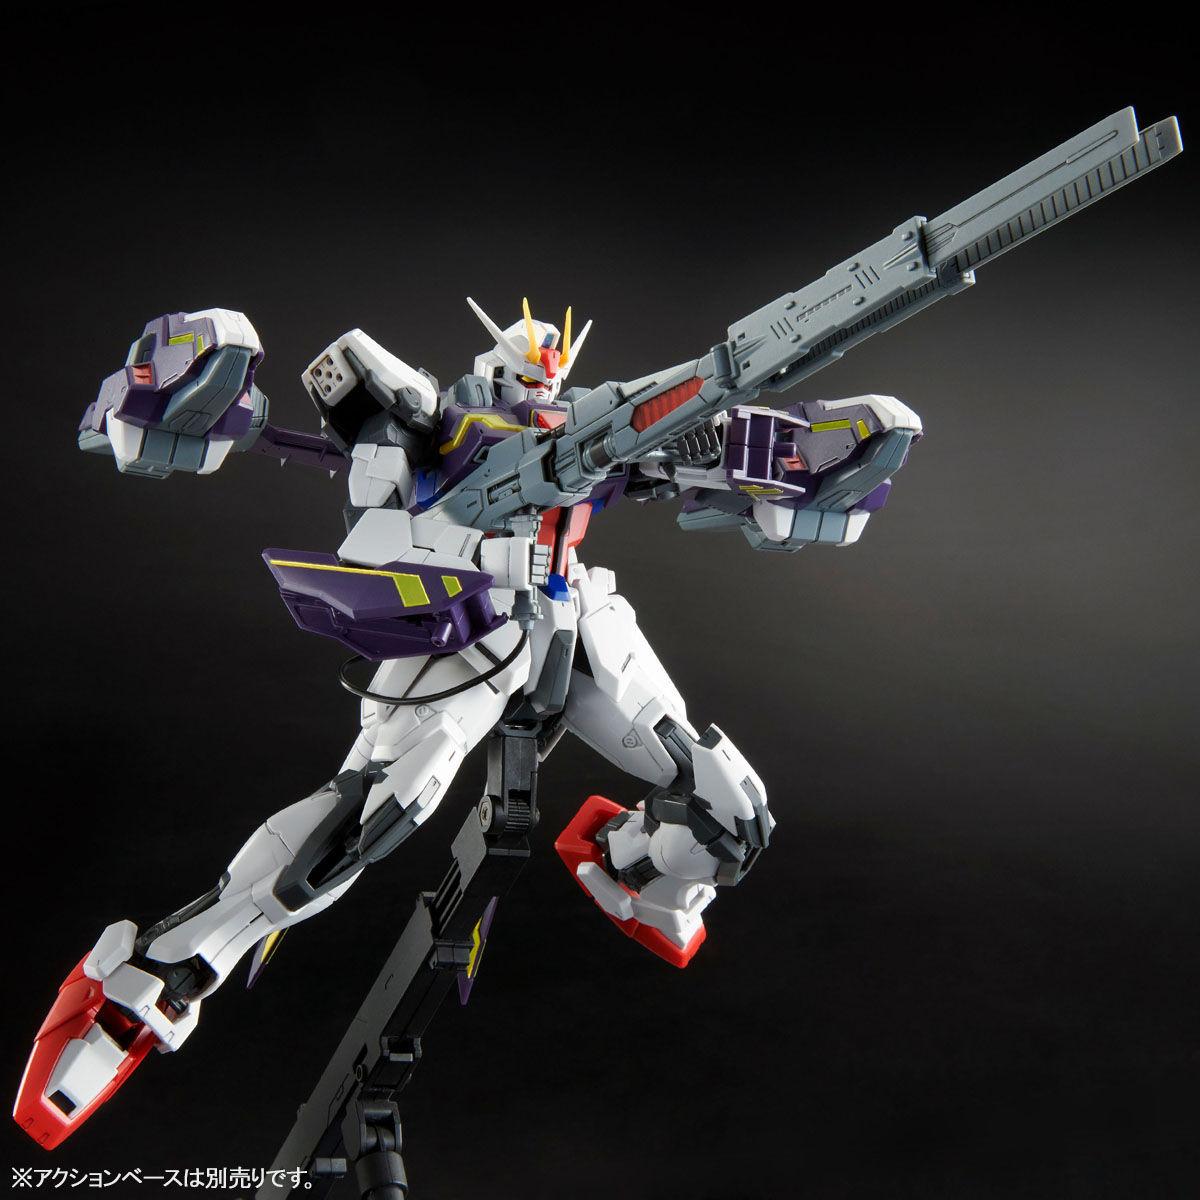 【限定販売】MG 1/100『ライトニングストライクガンダム Ver.RM』ガンダムSEED MSV プラモデル-009